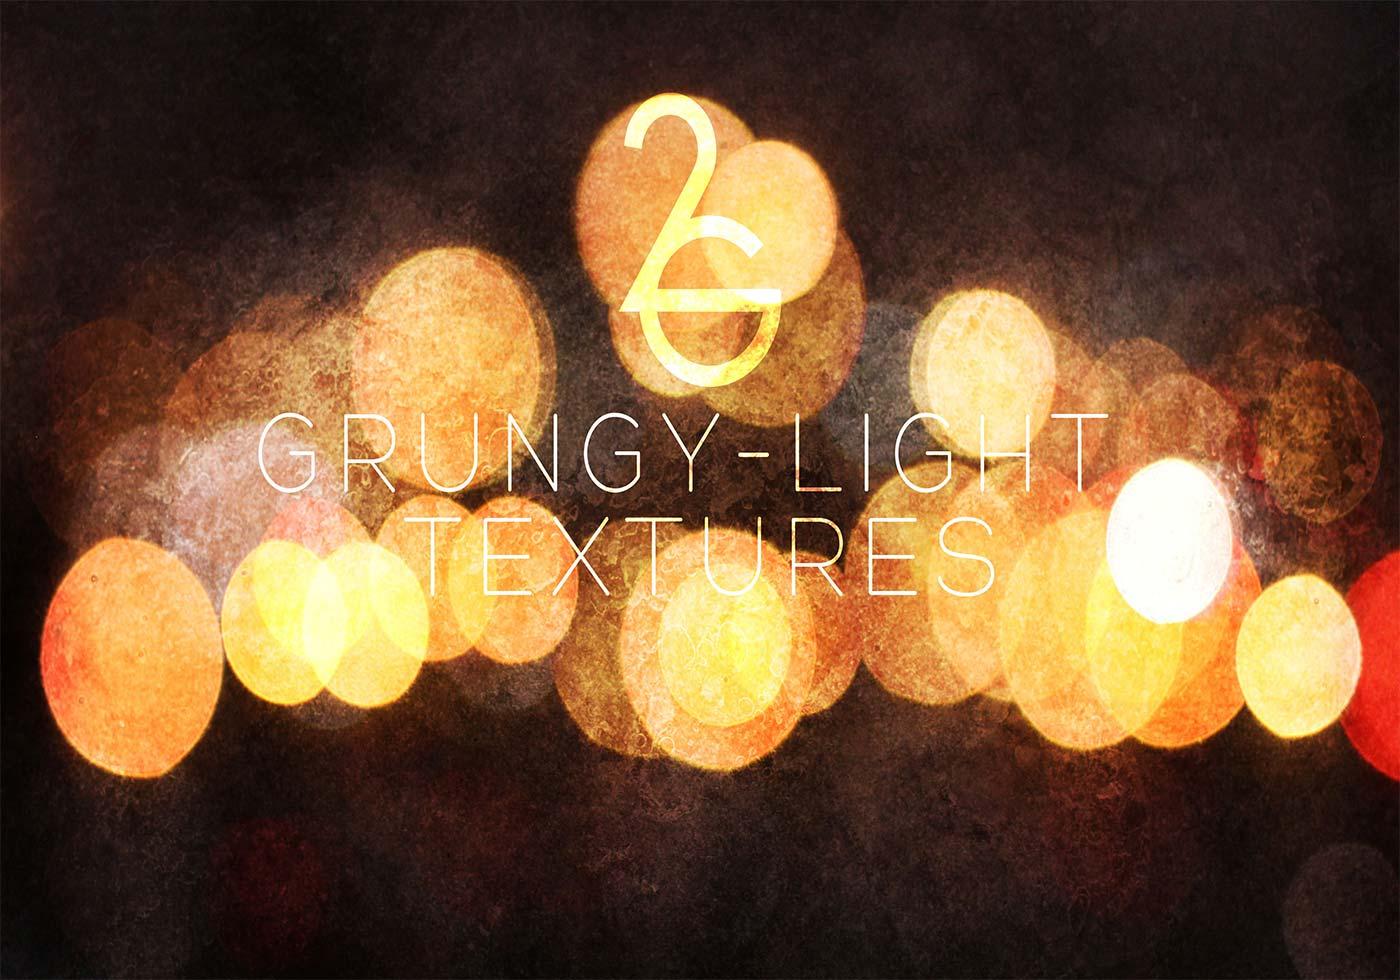 Grungy-light-textures